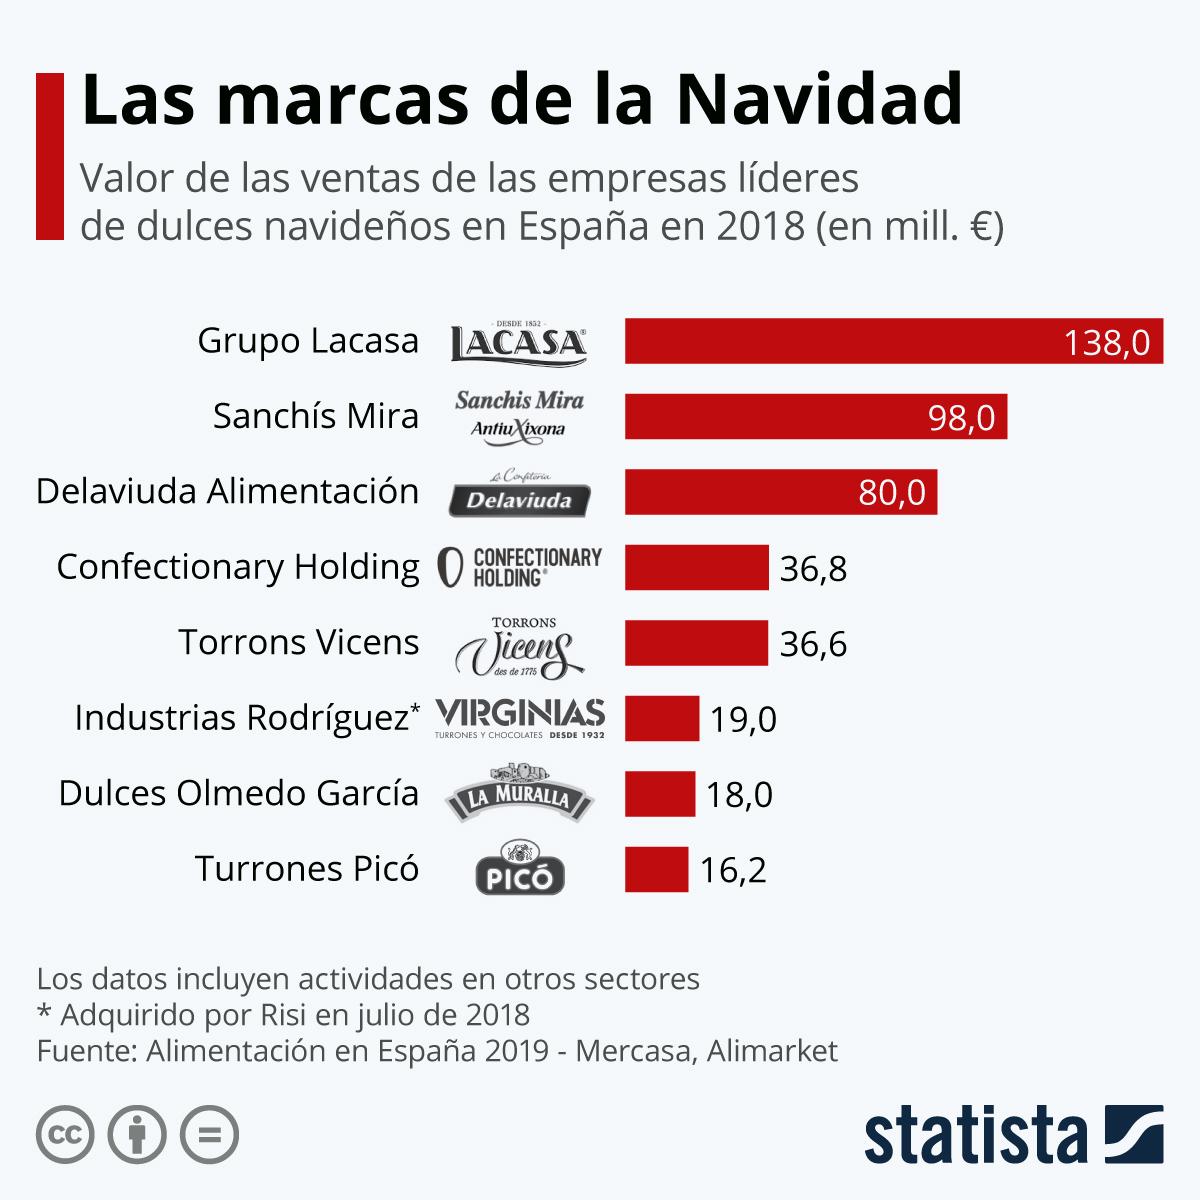 Infografía: Las marcas líderes de los dulces de Navidad en España | Statista